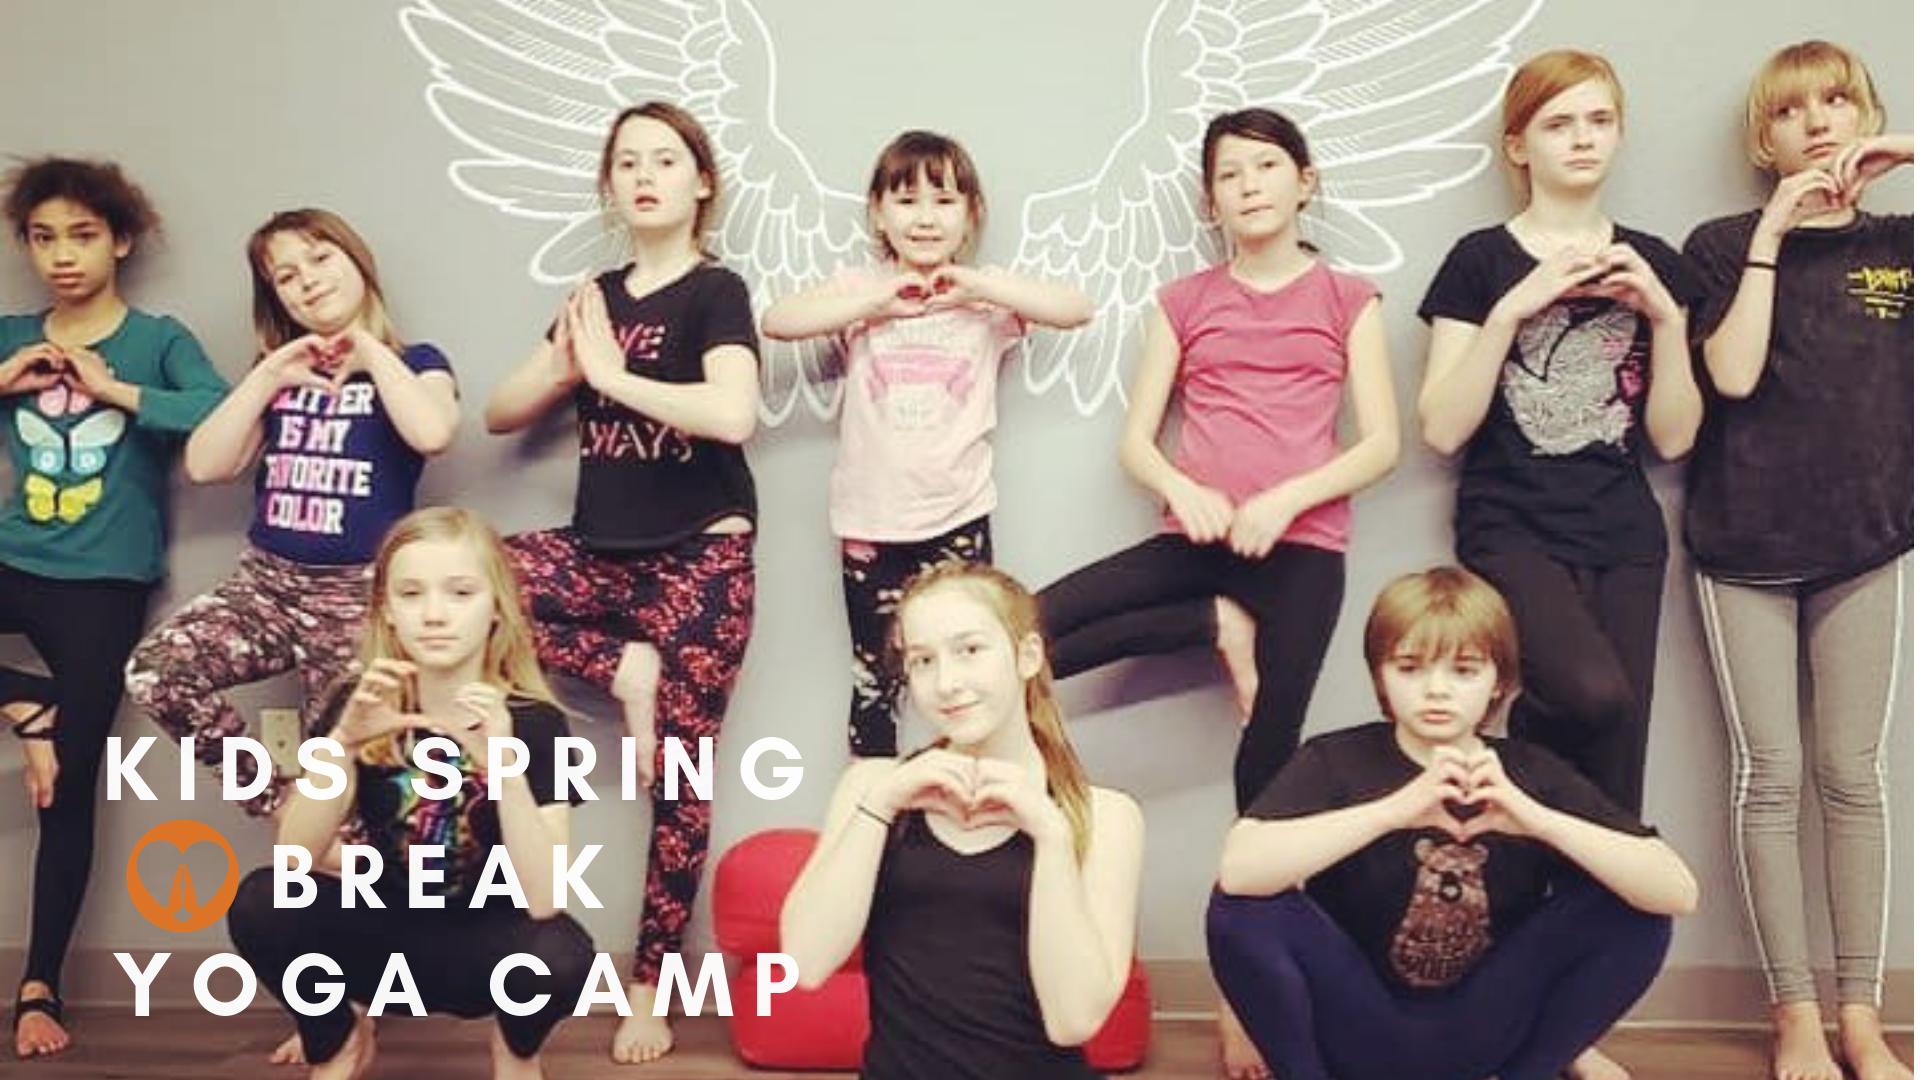 Kids Spring Break Yoga Camp